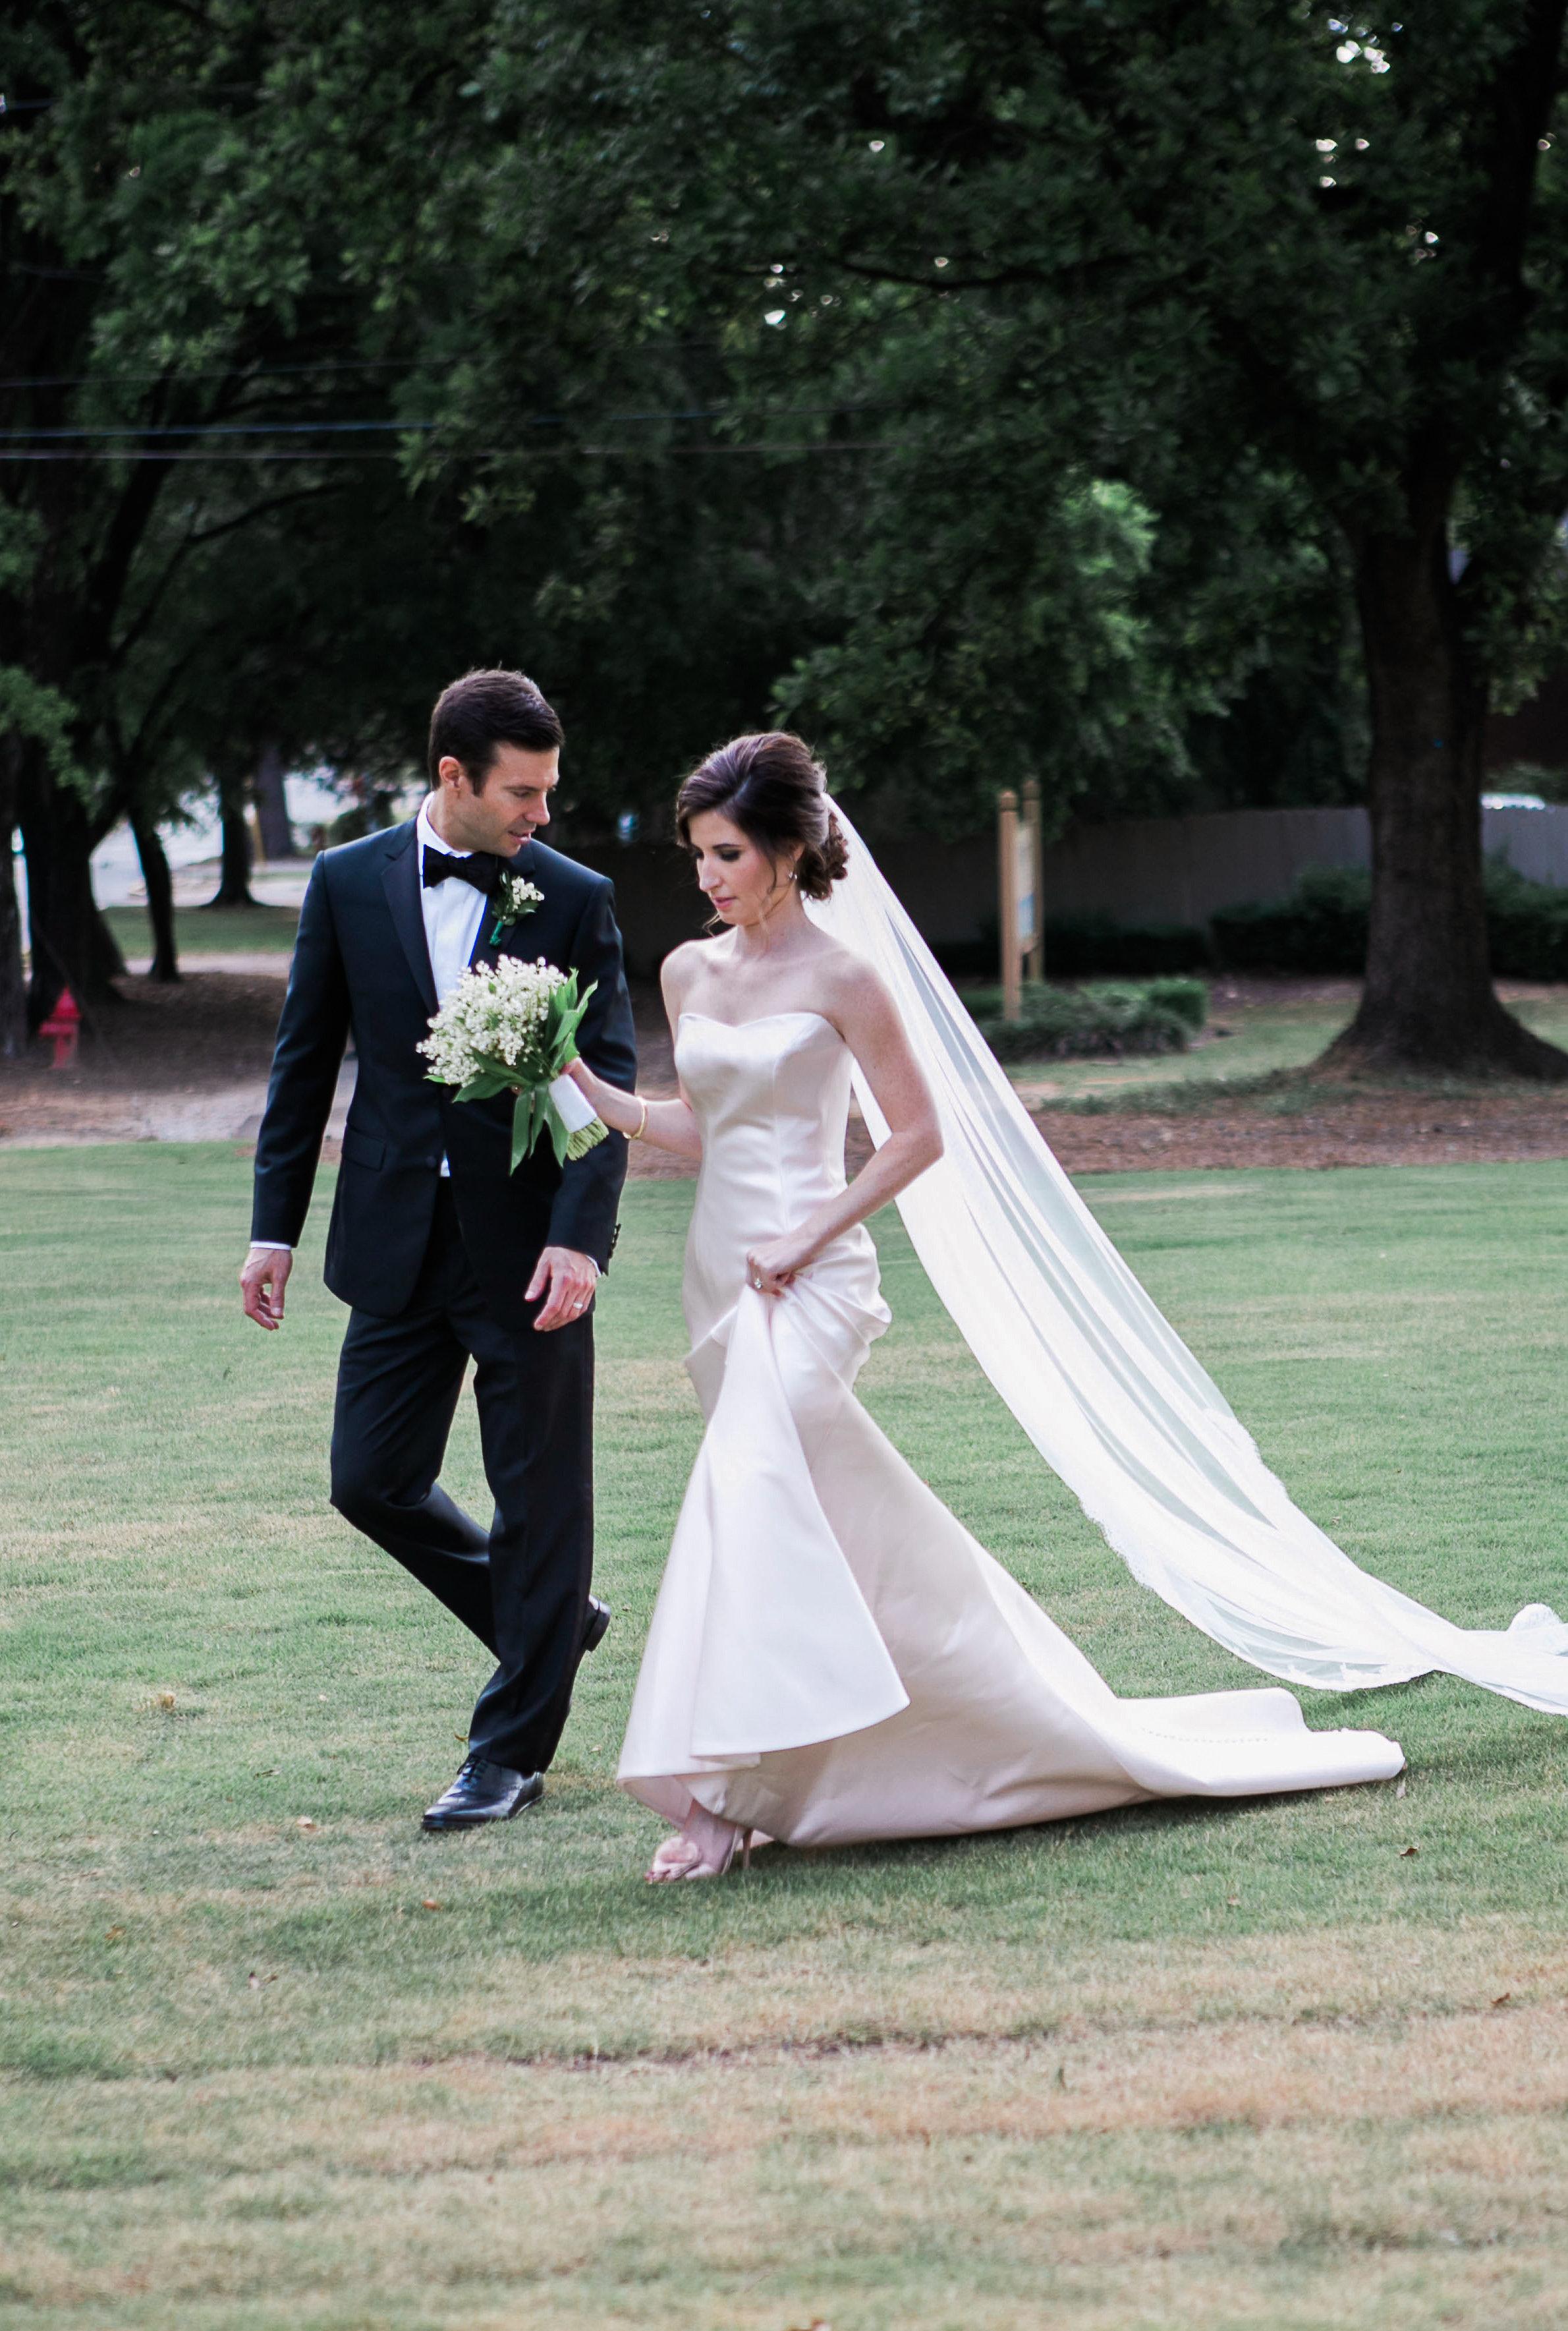 kelseywedding-bride and groom-0214.jpg